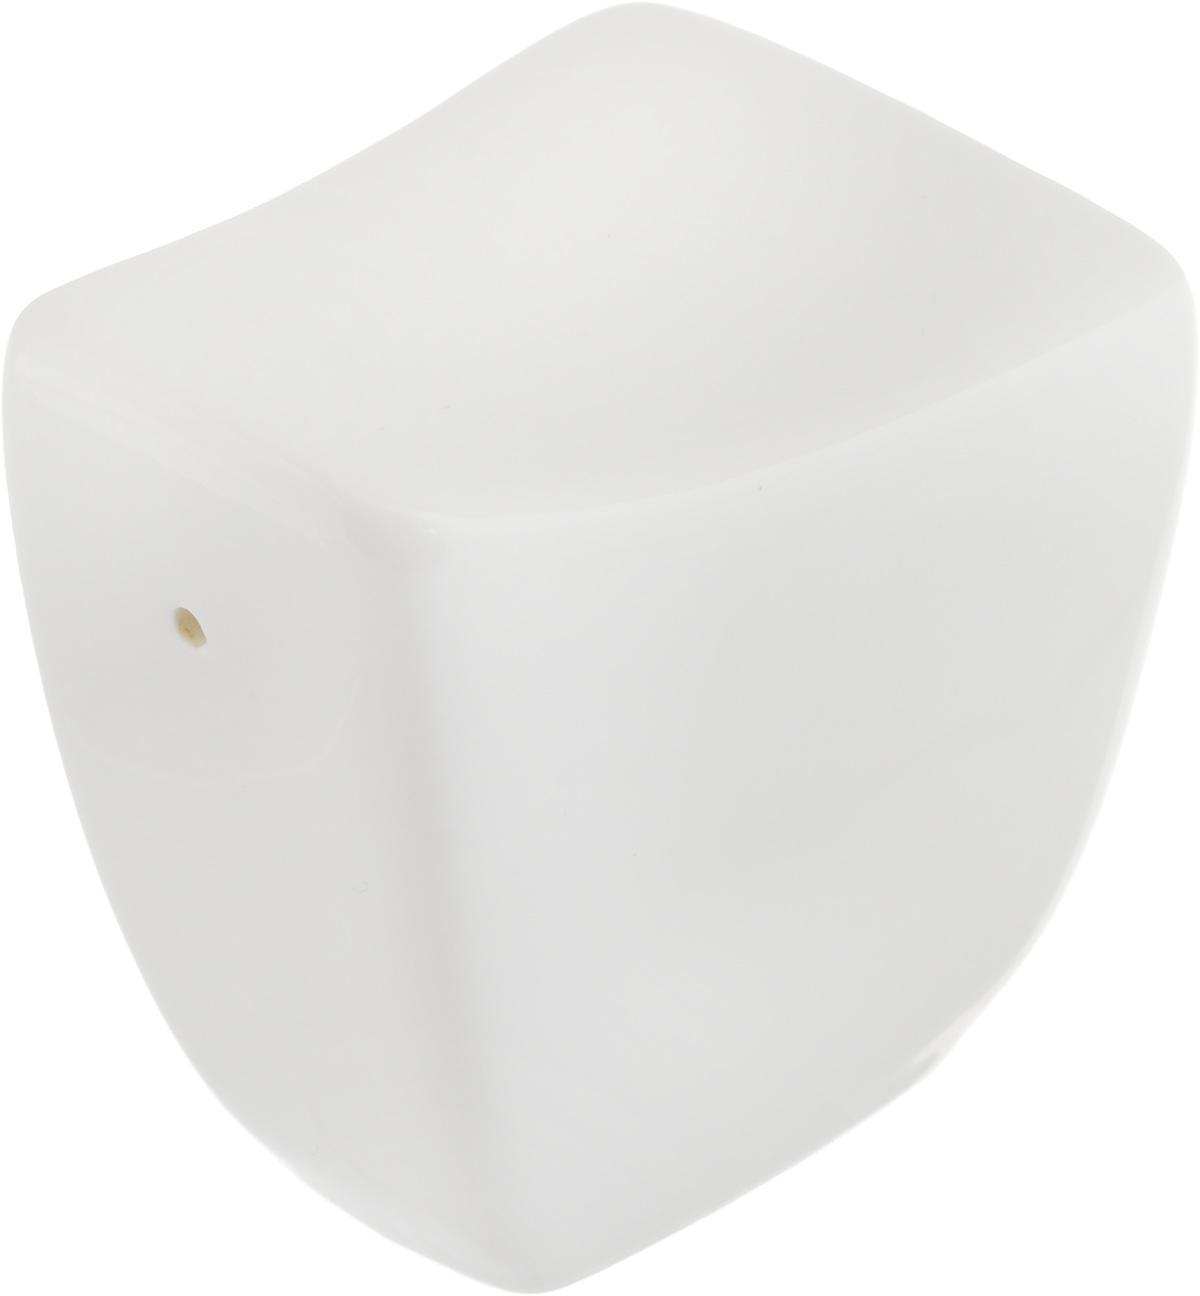 Перечница Ariane Rectangle, 6,5 х 5,5 х 4 смLU-1853Перечница Ariane Rectangle изготовлена из высококачественного фарфора белого цвета. Перечница имеет одно отверстие для высыпания специй, на дне - отверстие, позволяющее наполнить емкость, снабженное силиконовой вставкой.Такая перечница украсит сервировку вашего стола и подчеркнет прекрасный вкус хозяина, а также станет отличным подарком.Можно мыть в посудомоечной машине.